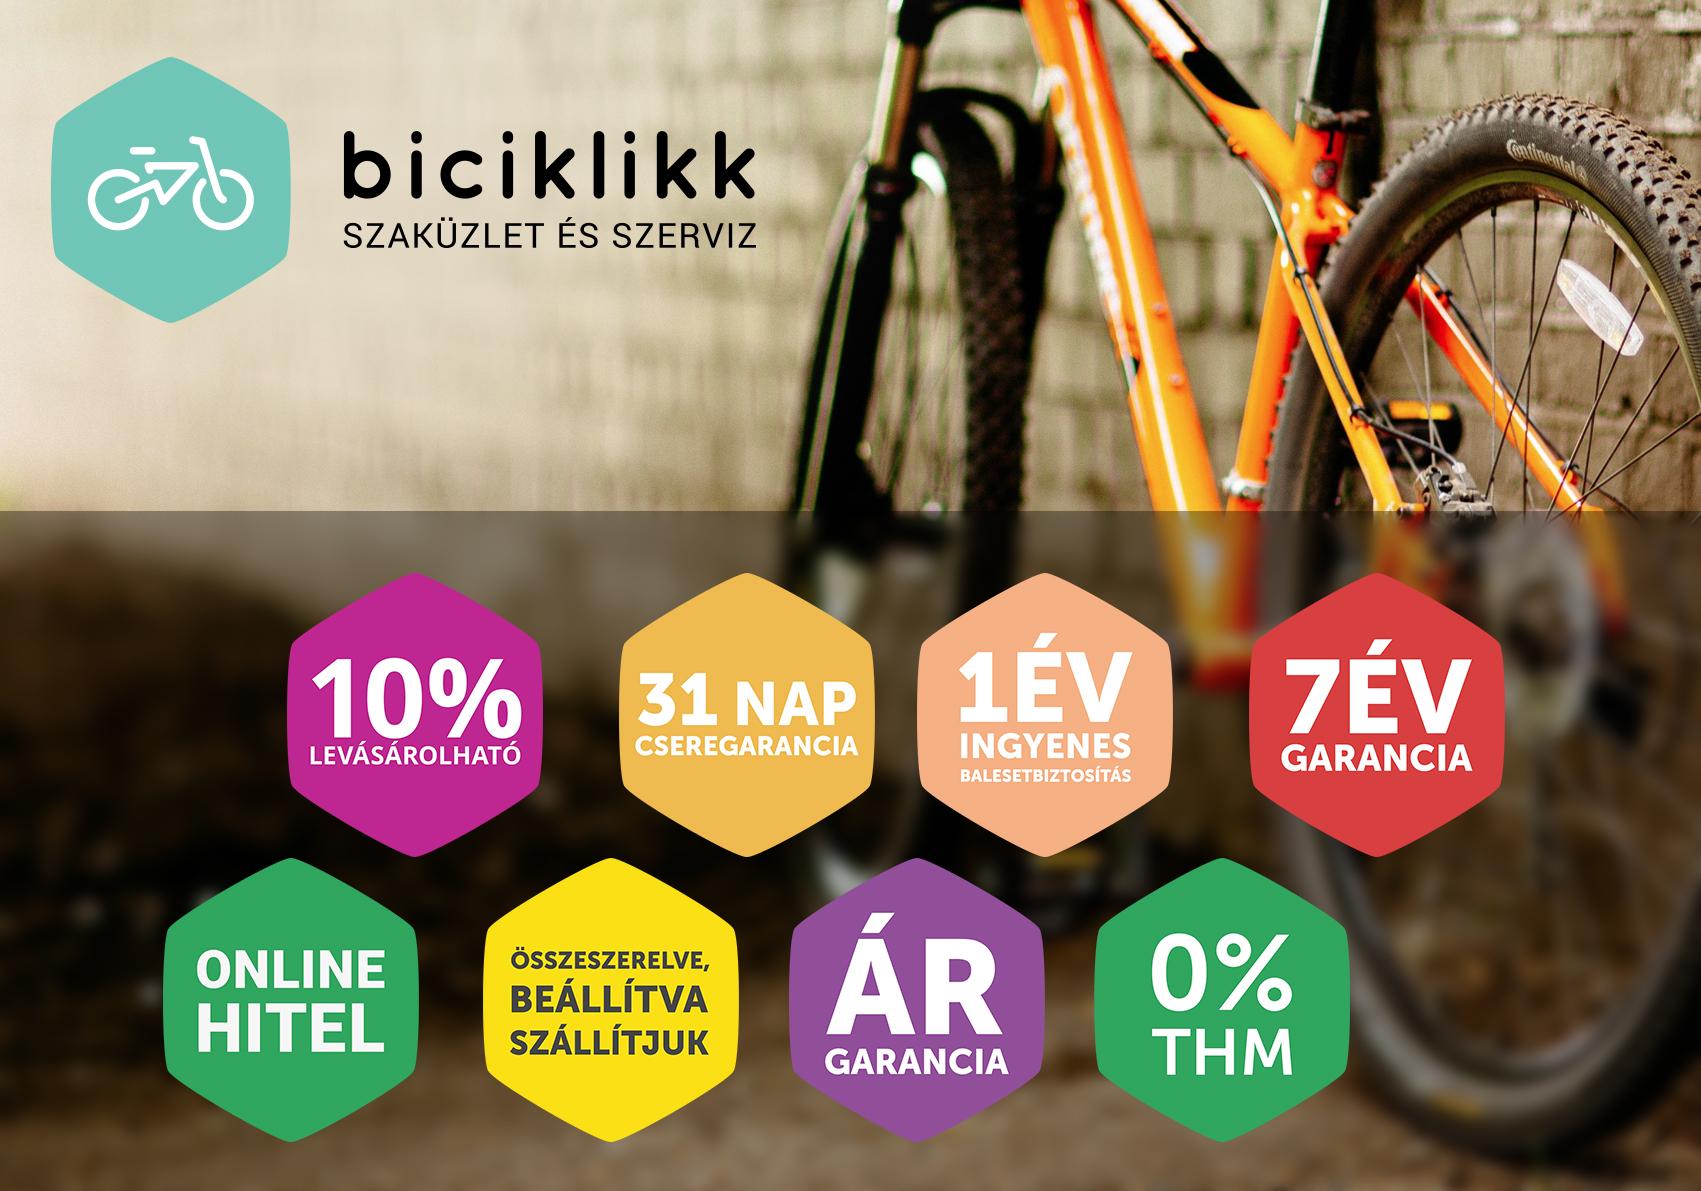 biciklikk_pr (2)